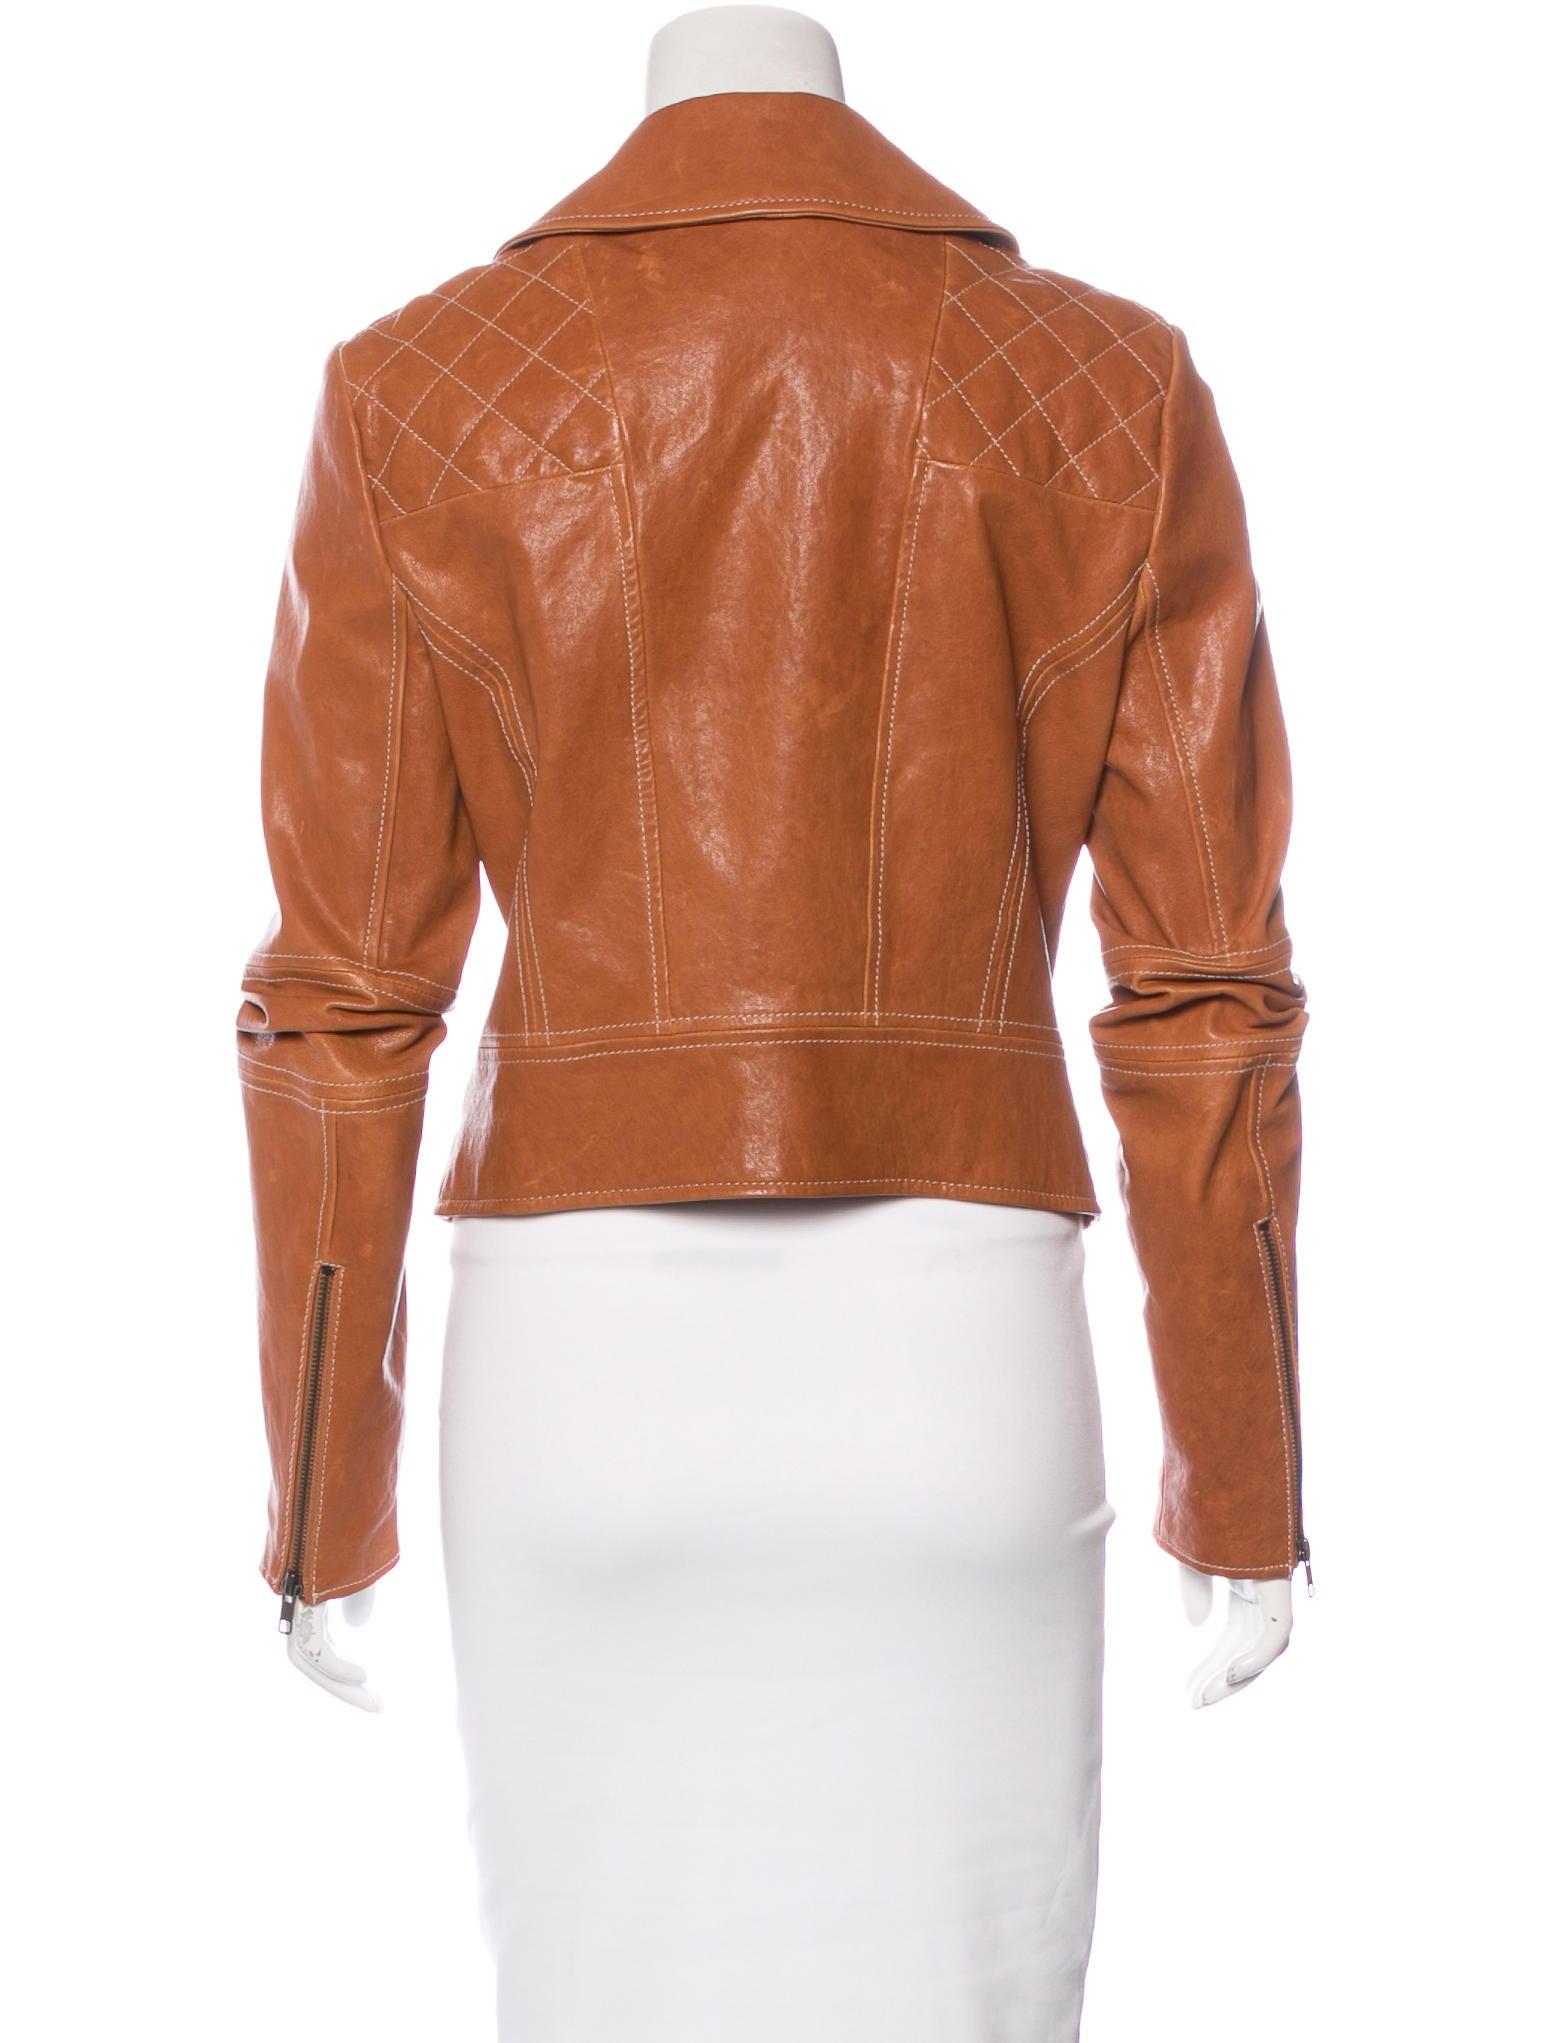 Adam savage leather jacket